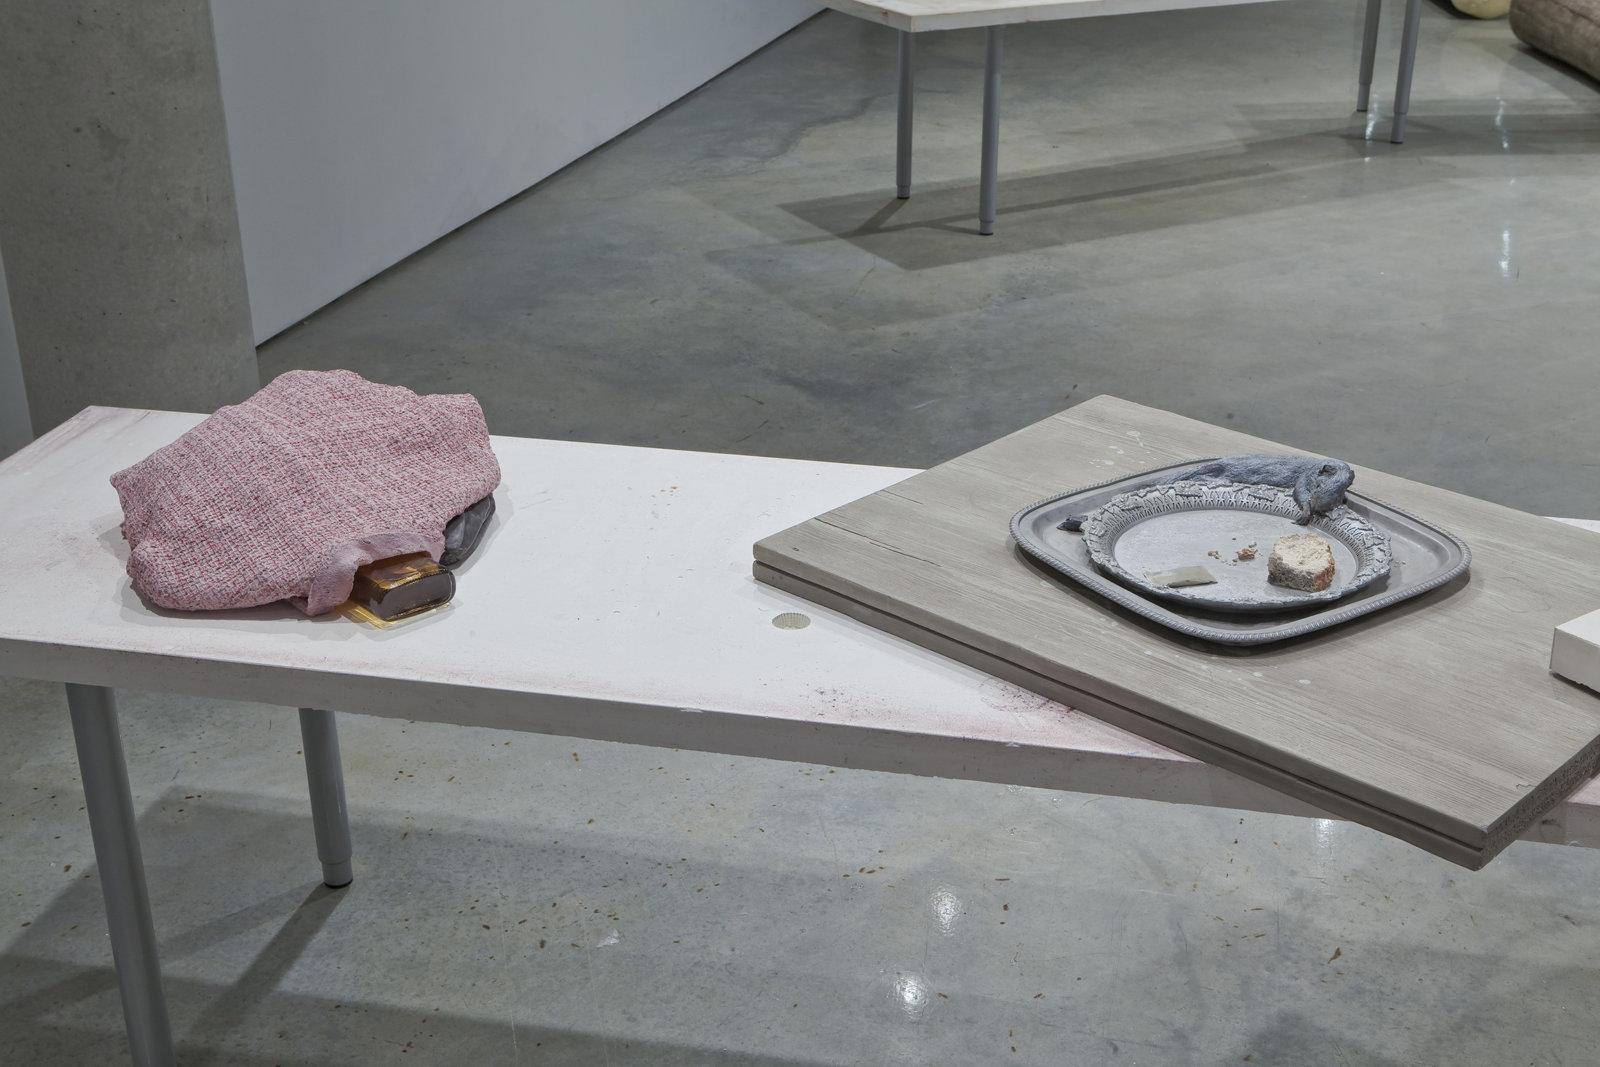 Liz Magor, installation view, Storage Facilities, Doris McCarthy Gallery, Scarborough, ON, 2009 by Liz Magor